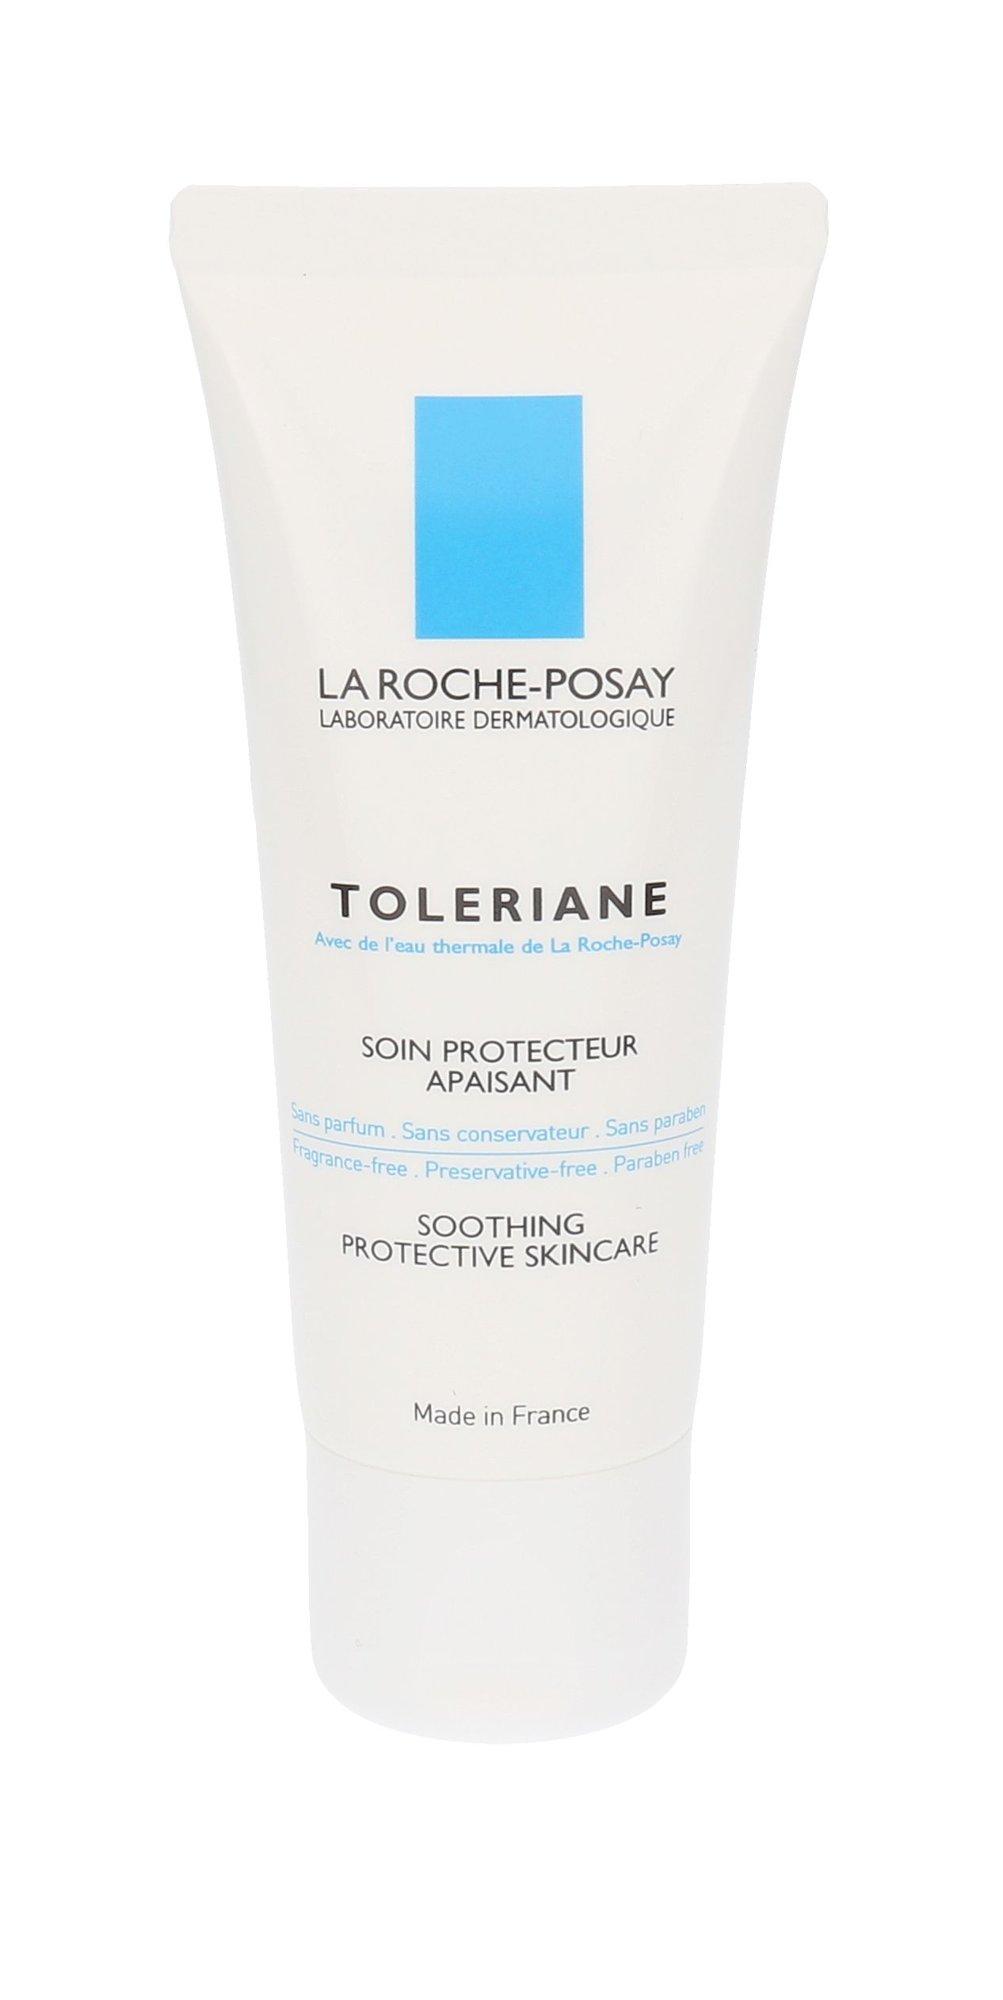 La Roche-Posay Toleriane Cosmetic 40ml  Protective Skincare